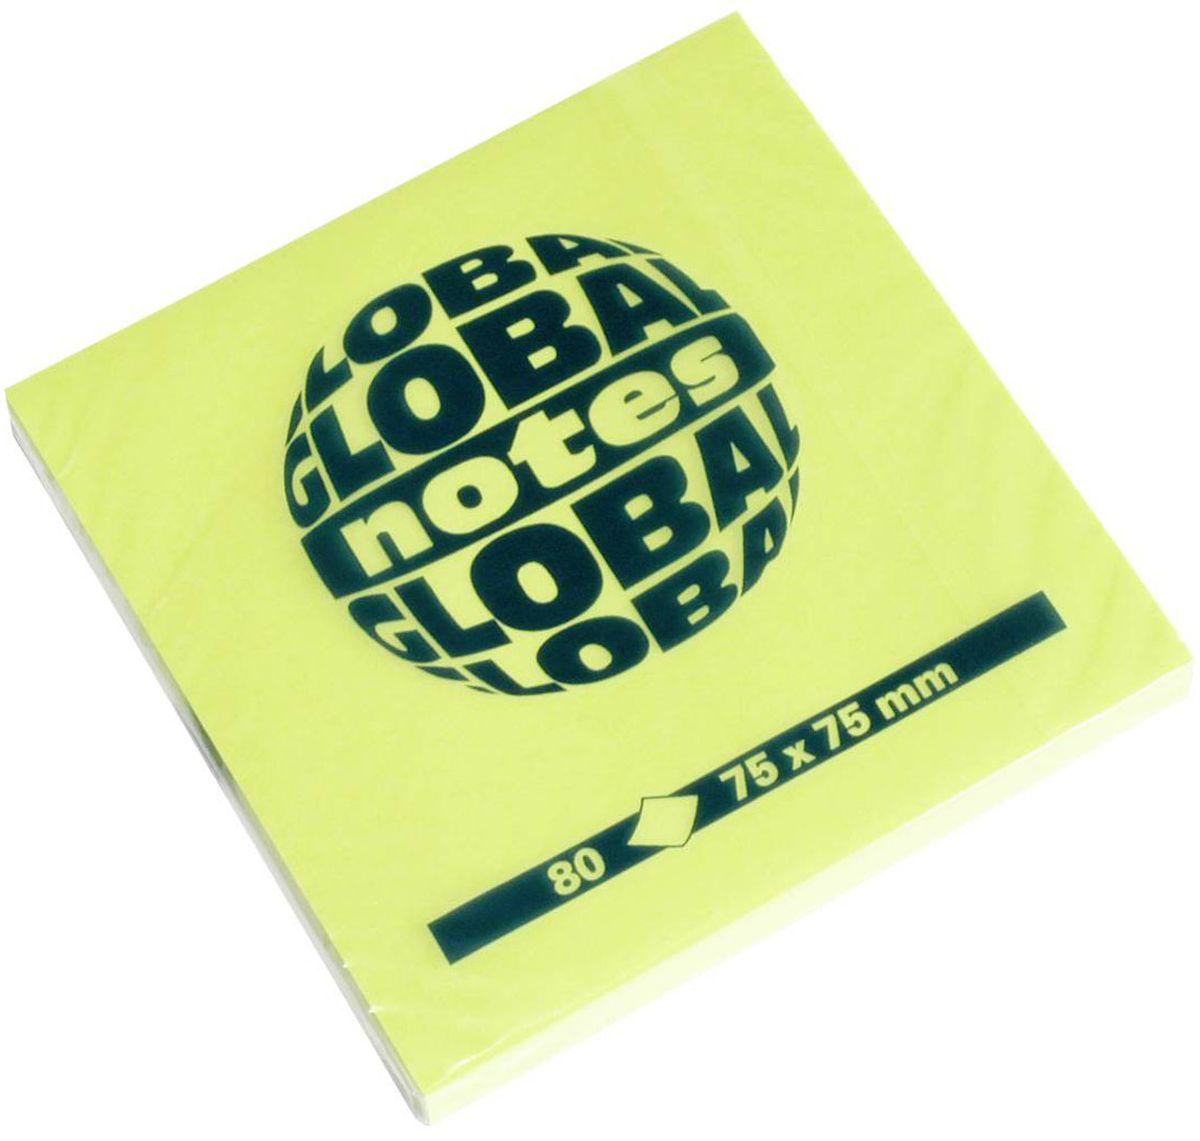 Global Notes Бумага для заметок с липким слоем цвет зеленый 7,5 х 7,5 см 80 листов365433Бумага для заметок с липким слоем Global Notes - это удобное и практичное решение для быстрой записи информации дома или на работе.Качественная клеевая полоса рассчитана на крепление к любой поверхности, позволяет приклеивать и отклеивать листок неограниченное количество раз, не оставляя следов.